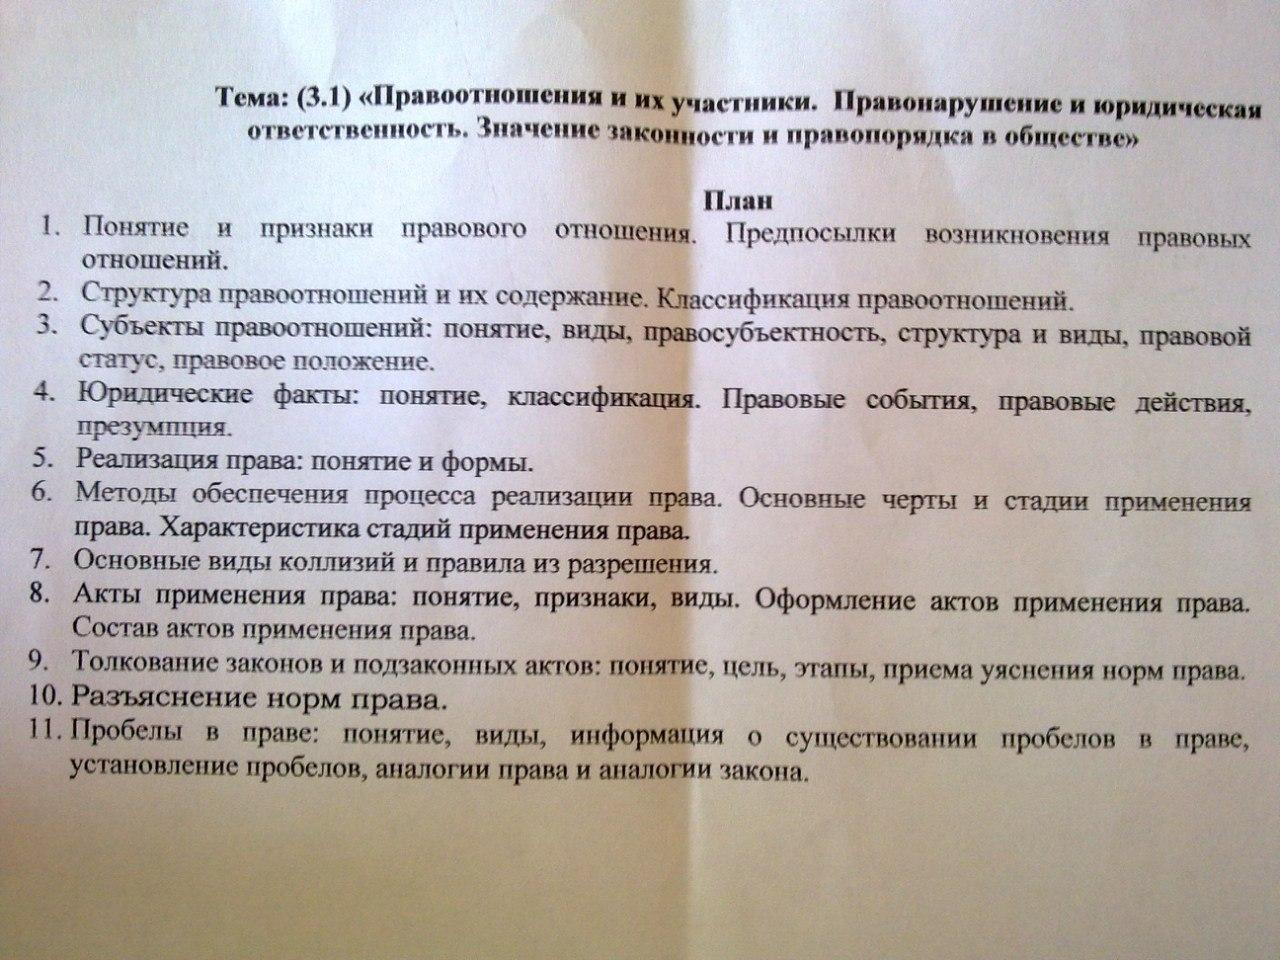 Контрольная работа правовые отношения и их виды 1956